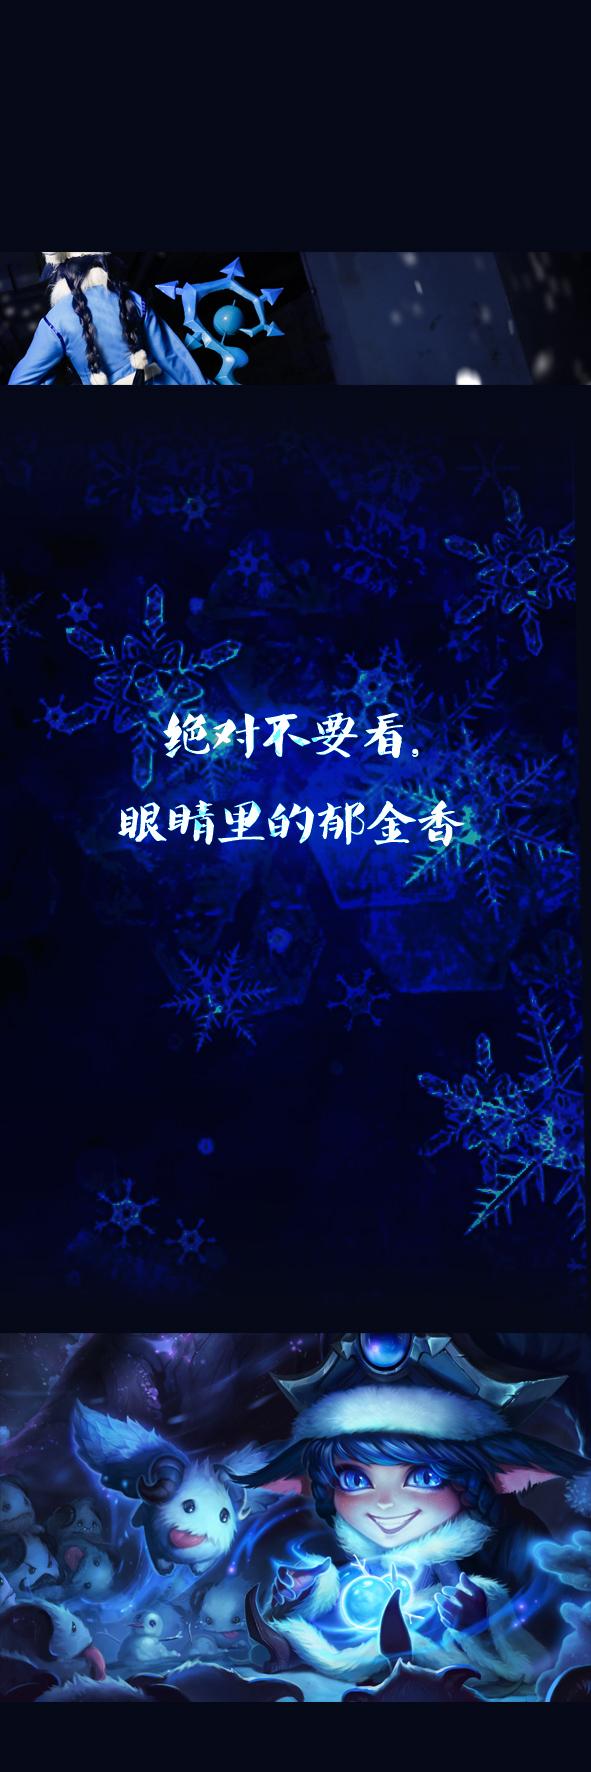 冰雪节仙灵女巫 璐璐